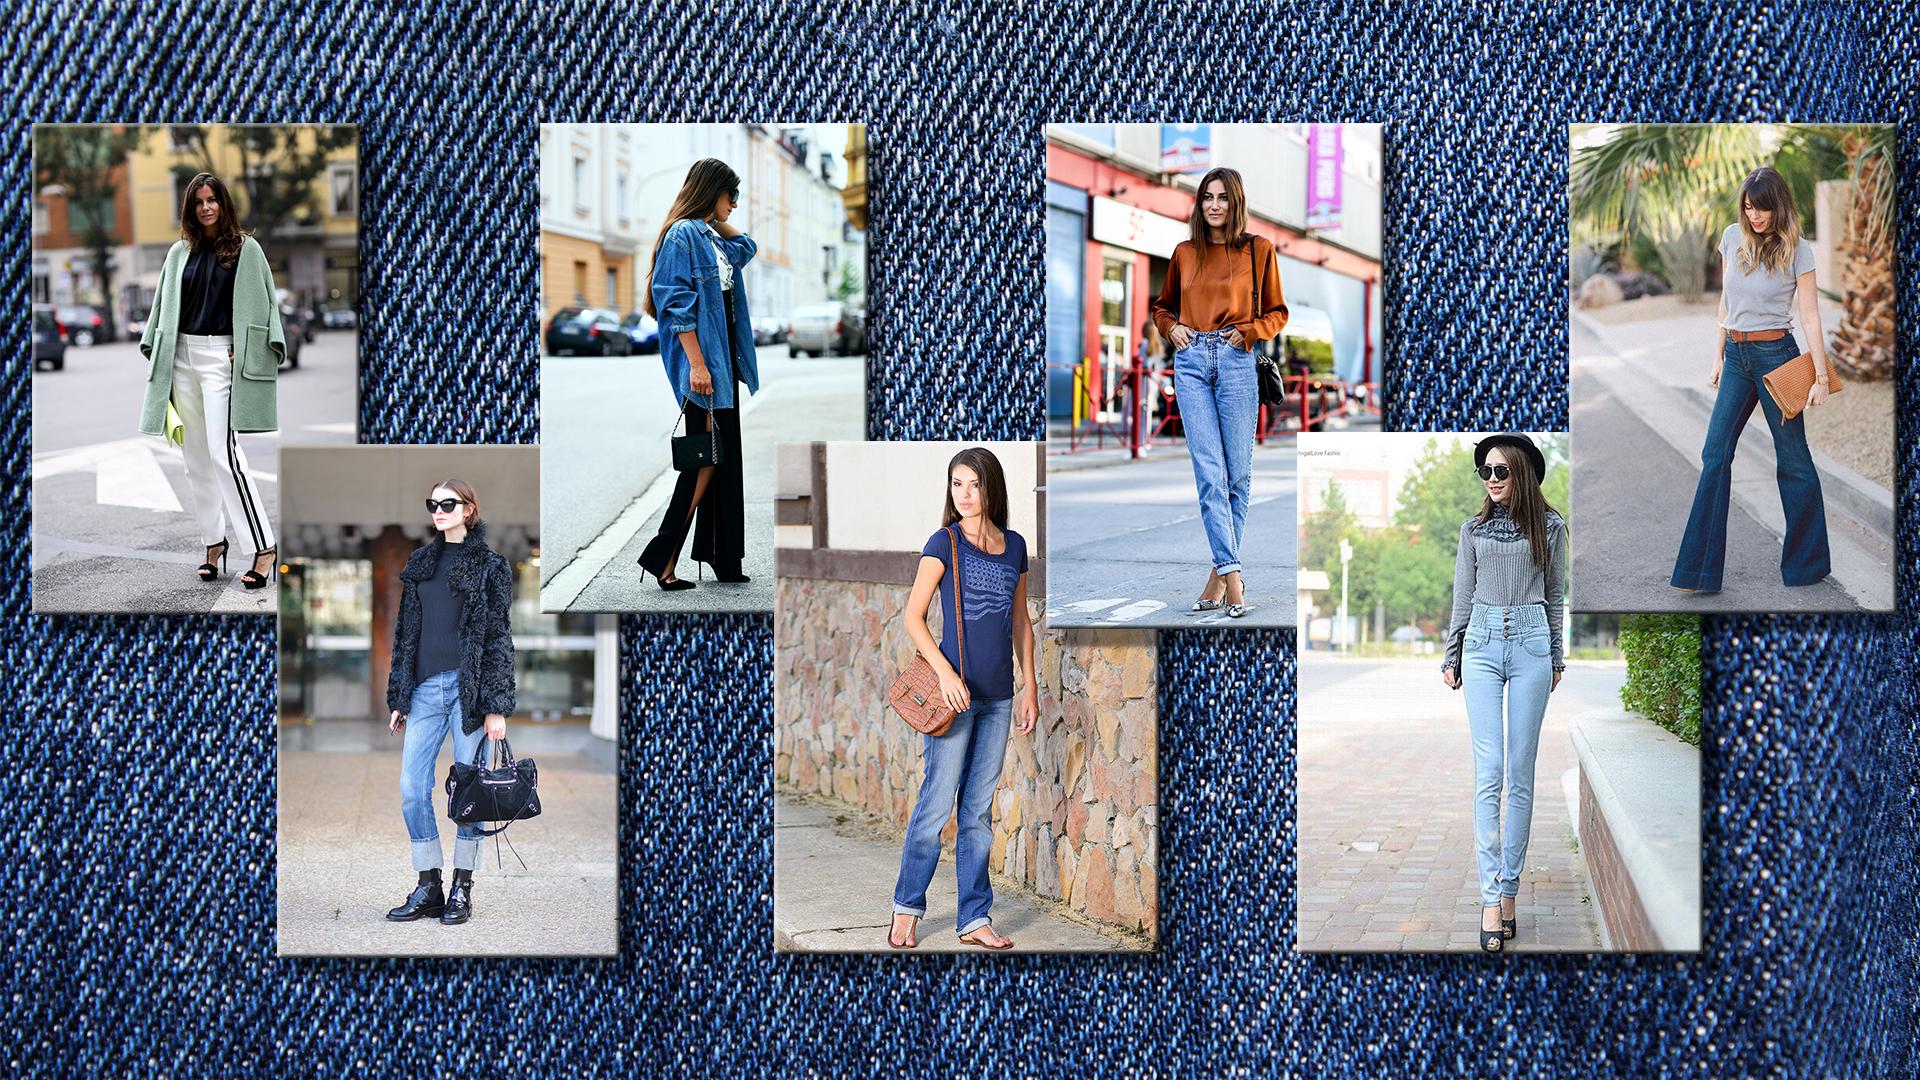 Интернет-провайдер в Красноярске рассказывает: ТОП самых модных джинсов на весну и лето 2019